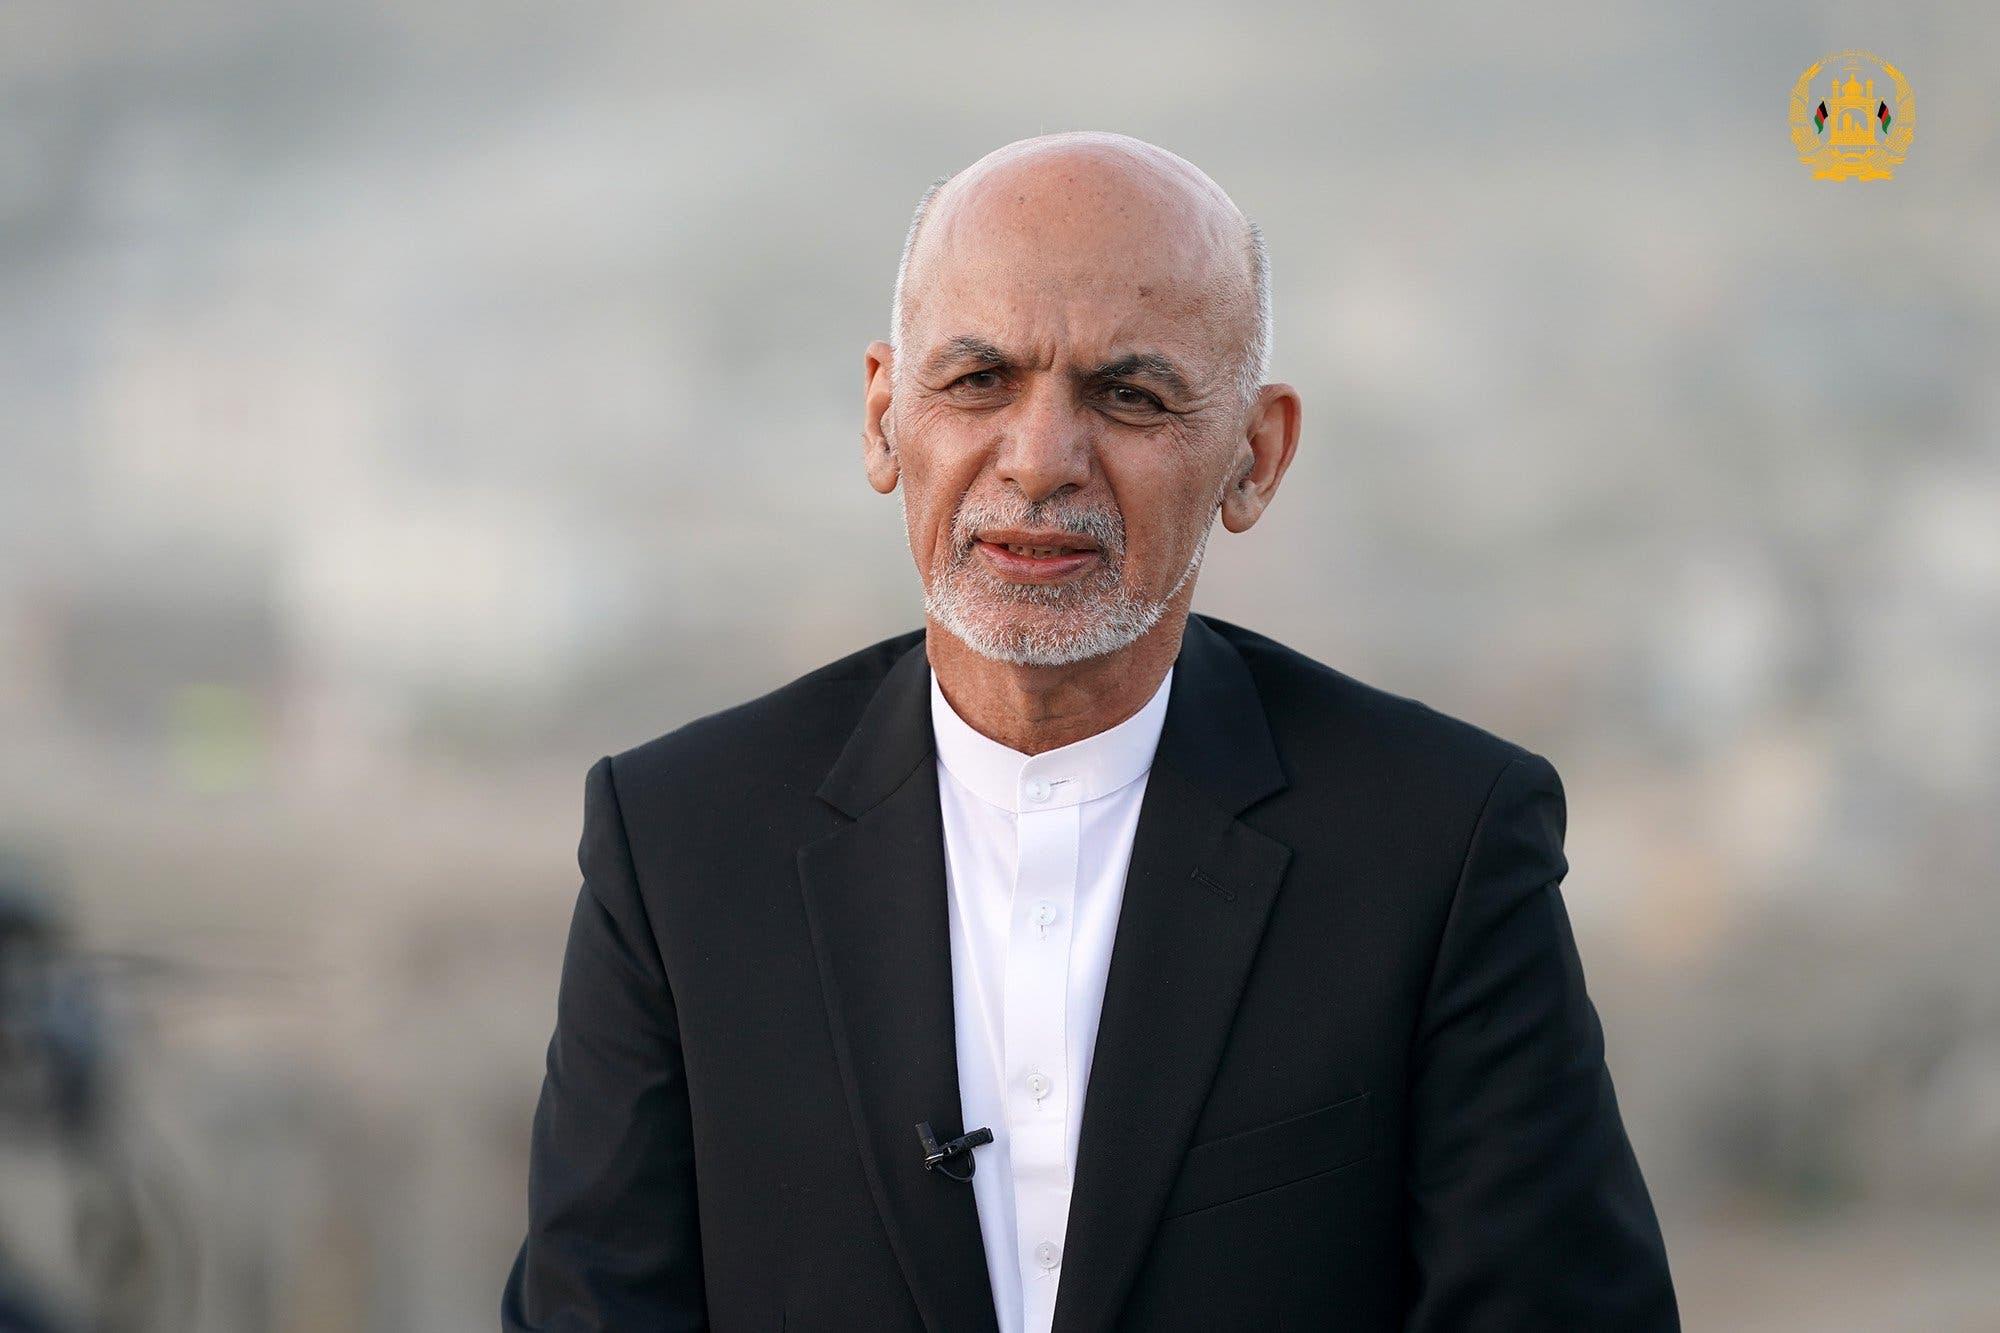 Madaxweyne Ashraf Ghani oo ka cararay Afghanistan iyo wararkii ugu dambeeyeey